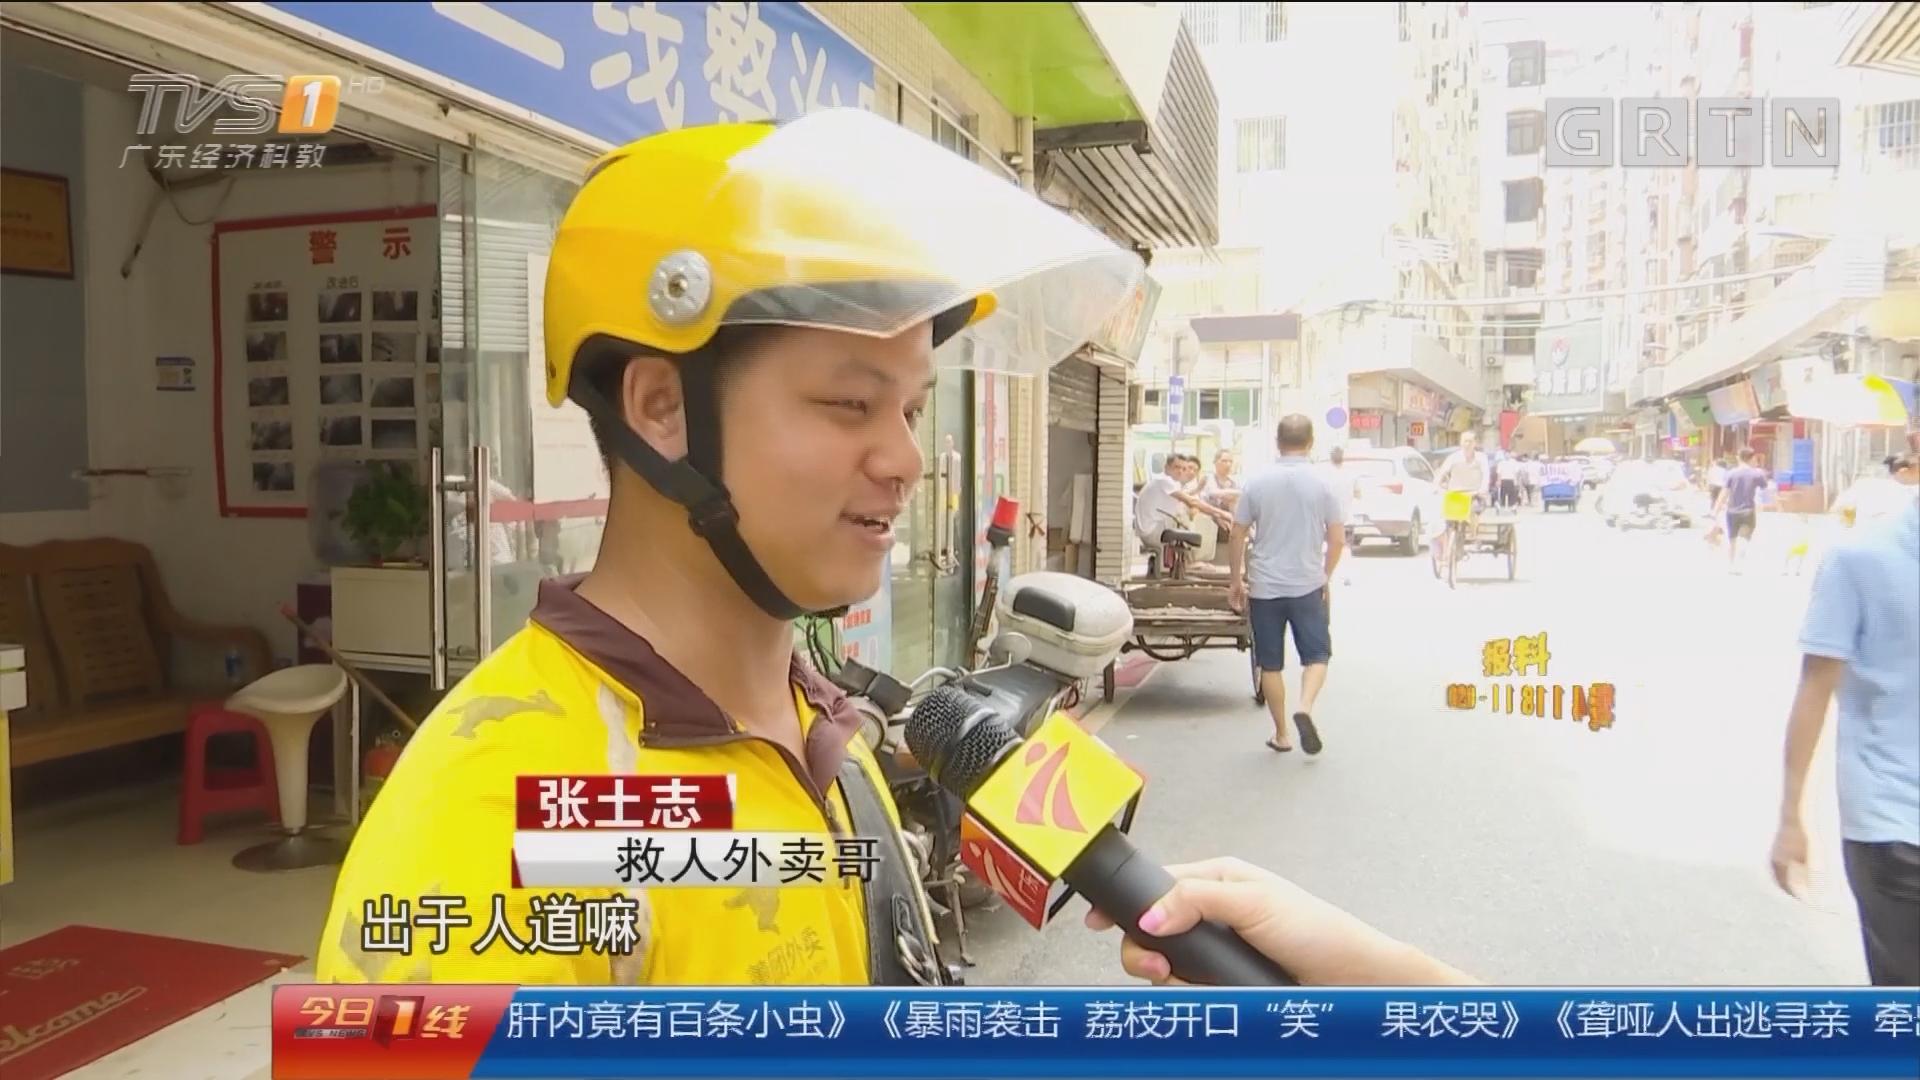 广州白云区:男子暴雨中发病 外卖哥伸出援手